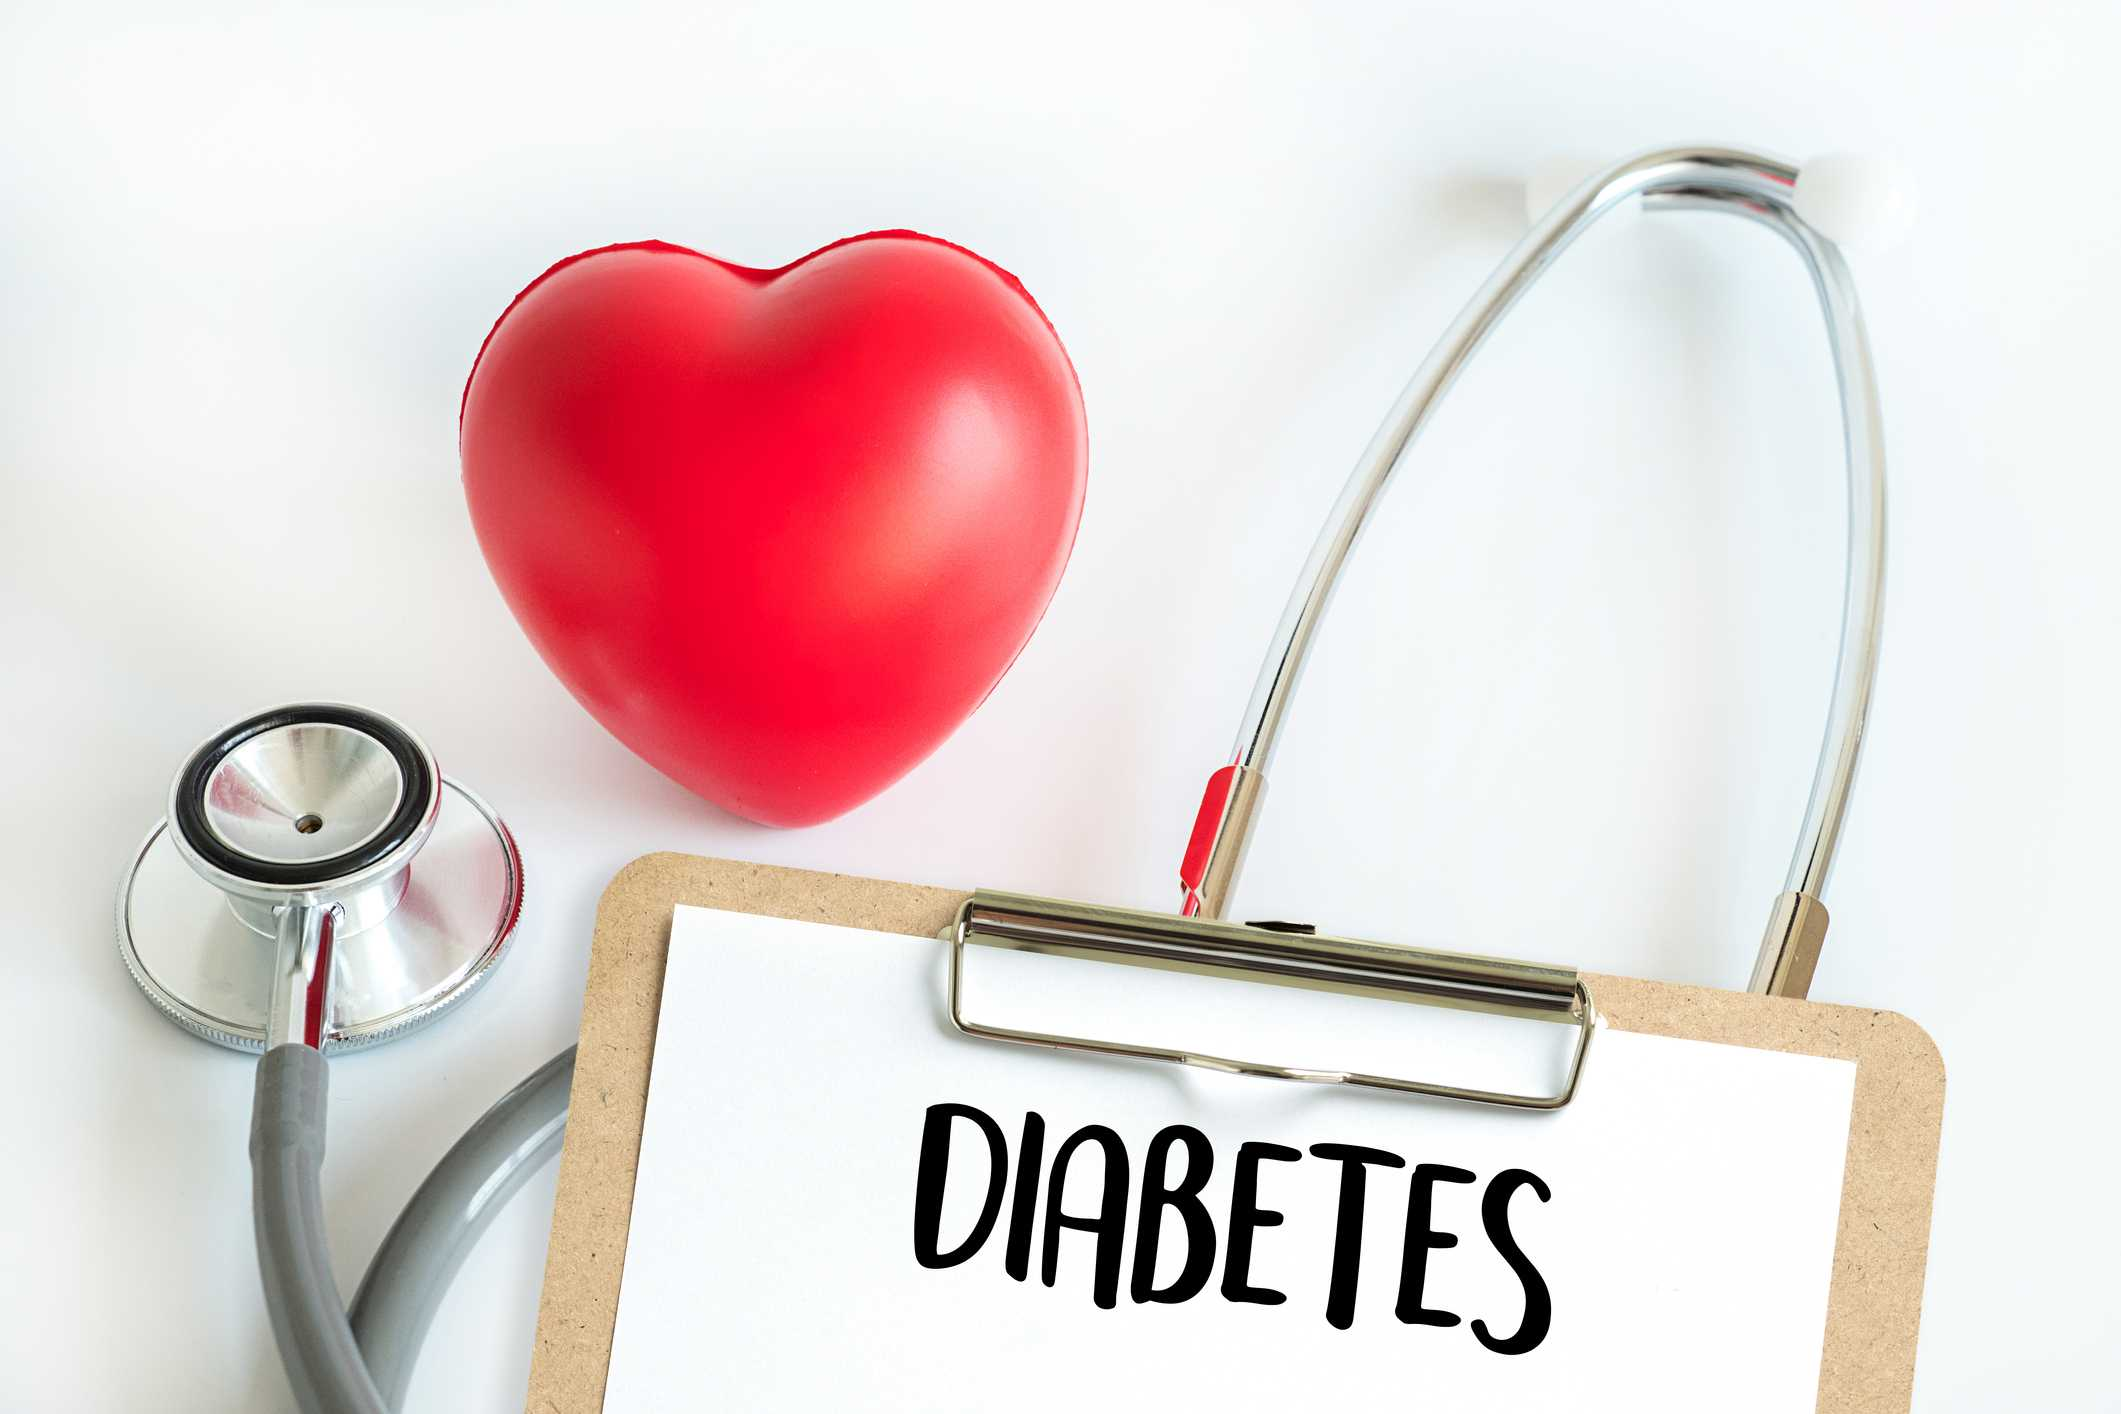 Hindari Beberapa Makanan Yang Bisa Sebabkan Diabetes post thumbnail image